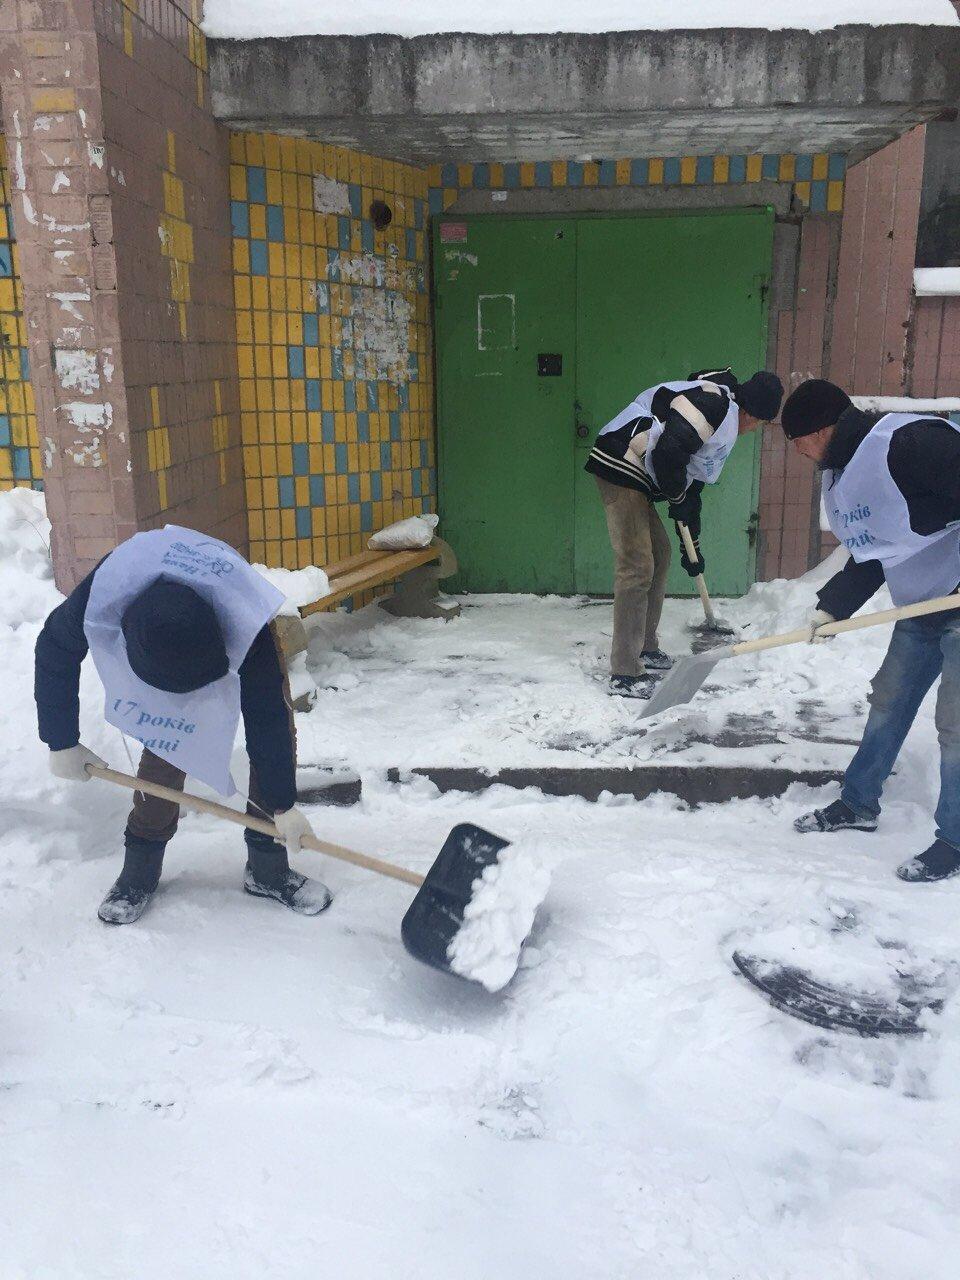 В Днепре депутат организует флэшмоб по расчистке снега, фото-6